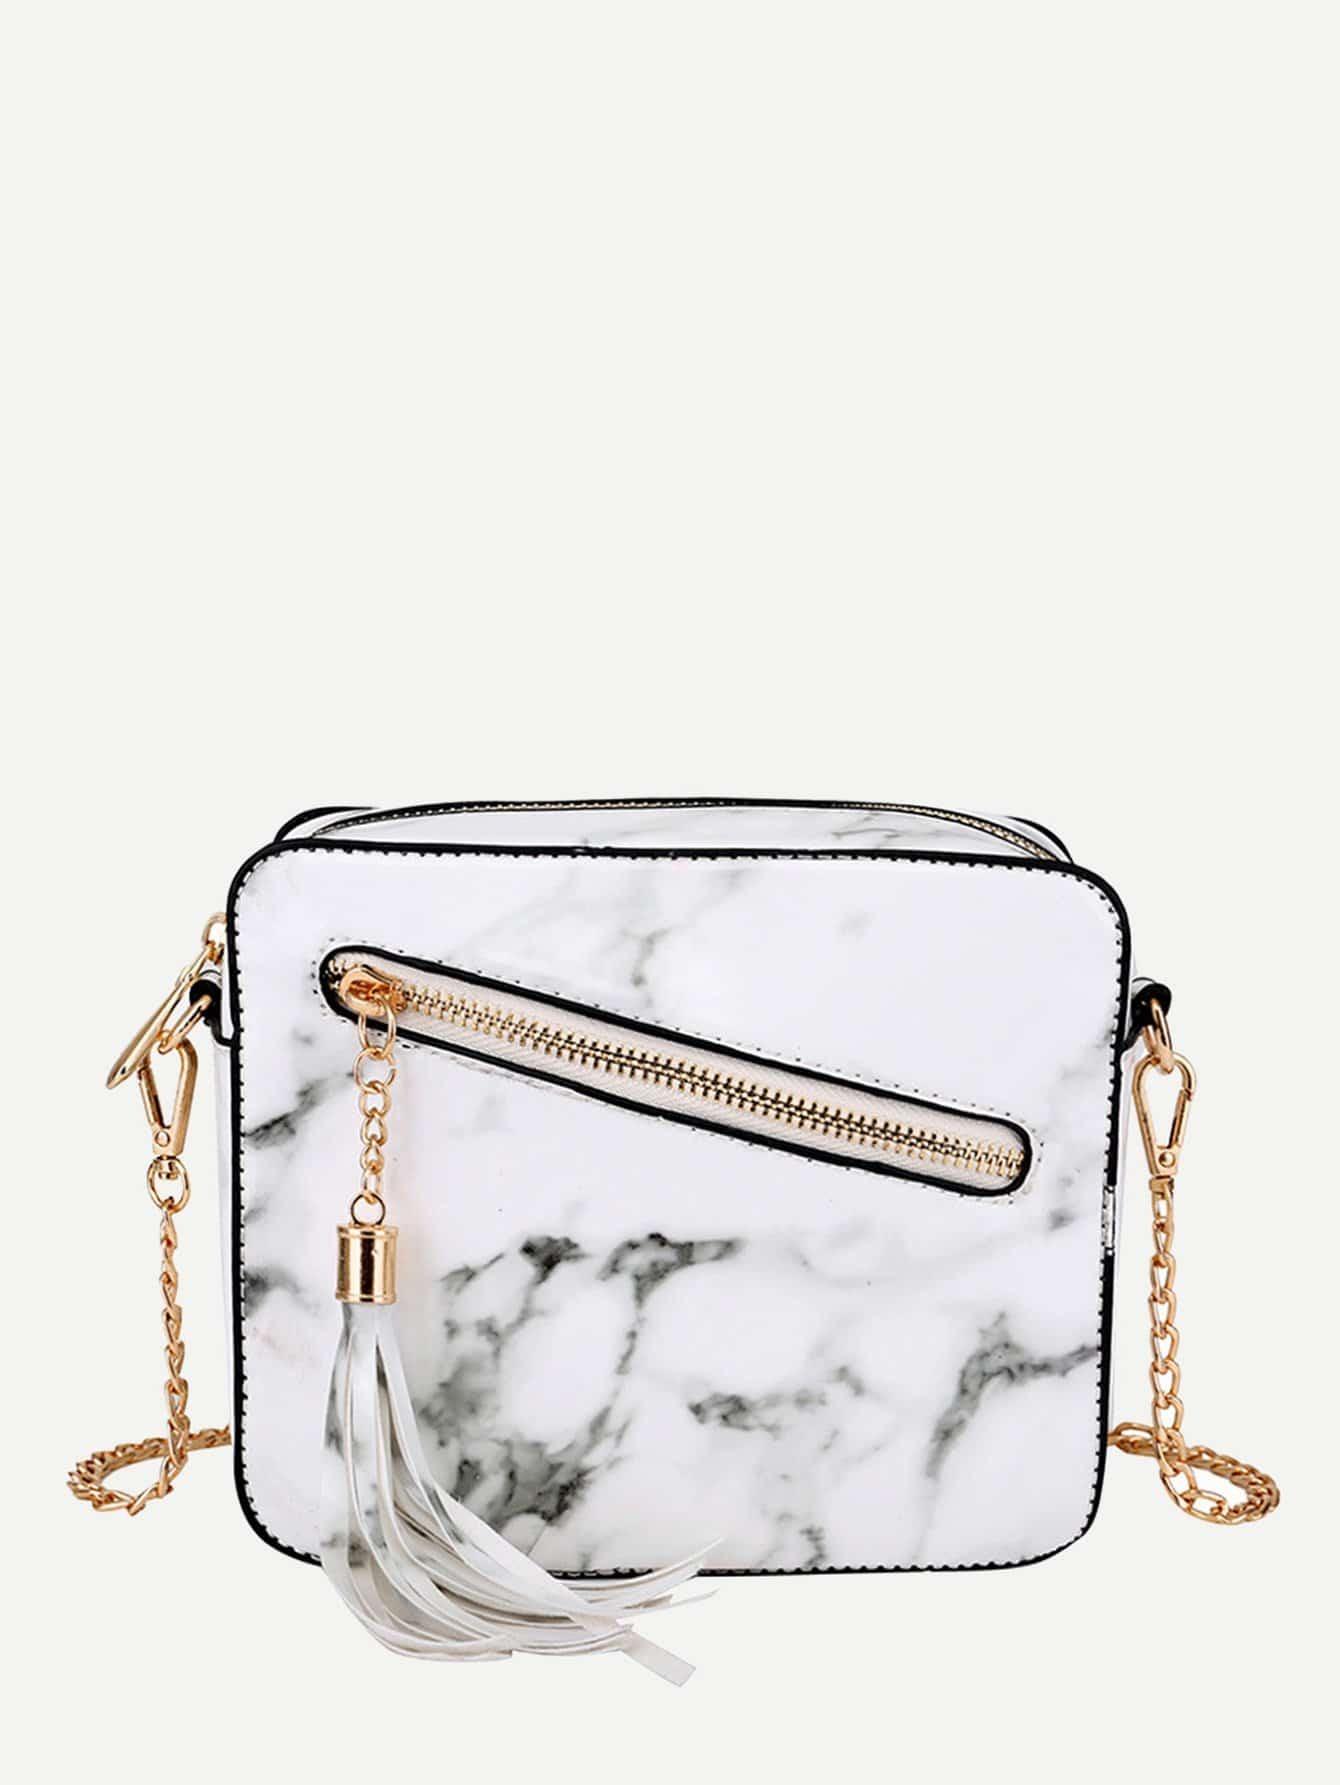 Tassel Zipper Front PU Chain Bag heart decor zipper front backpacks bag